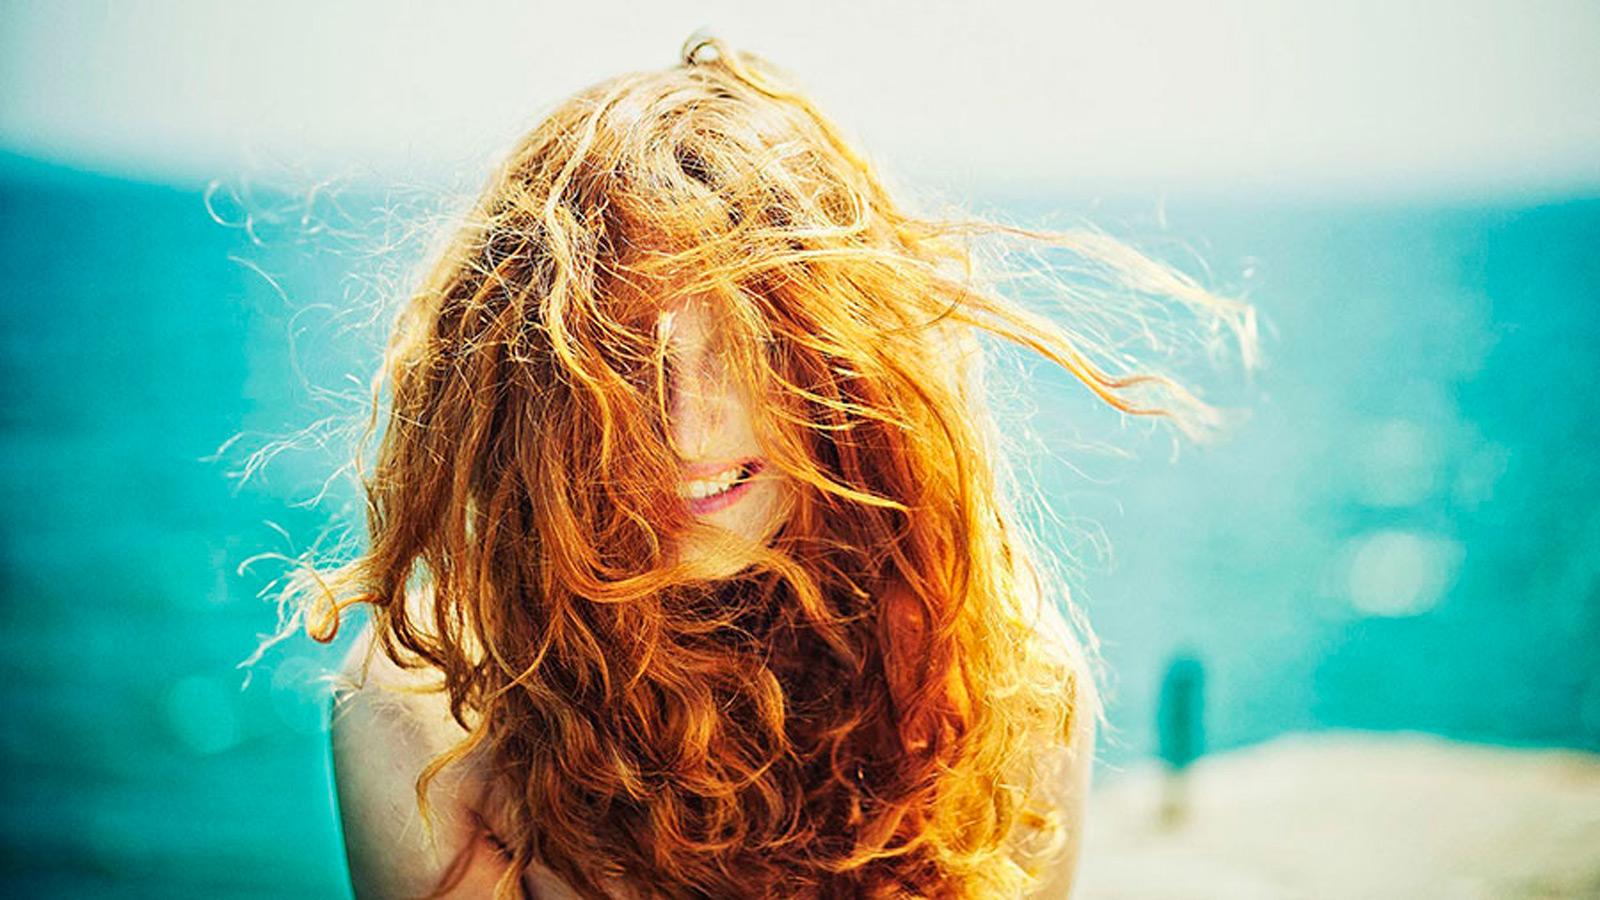 Волосы портятся от воды